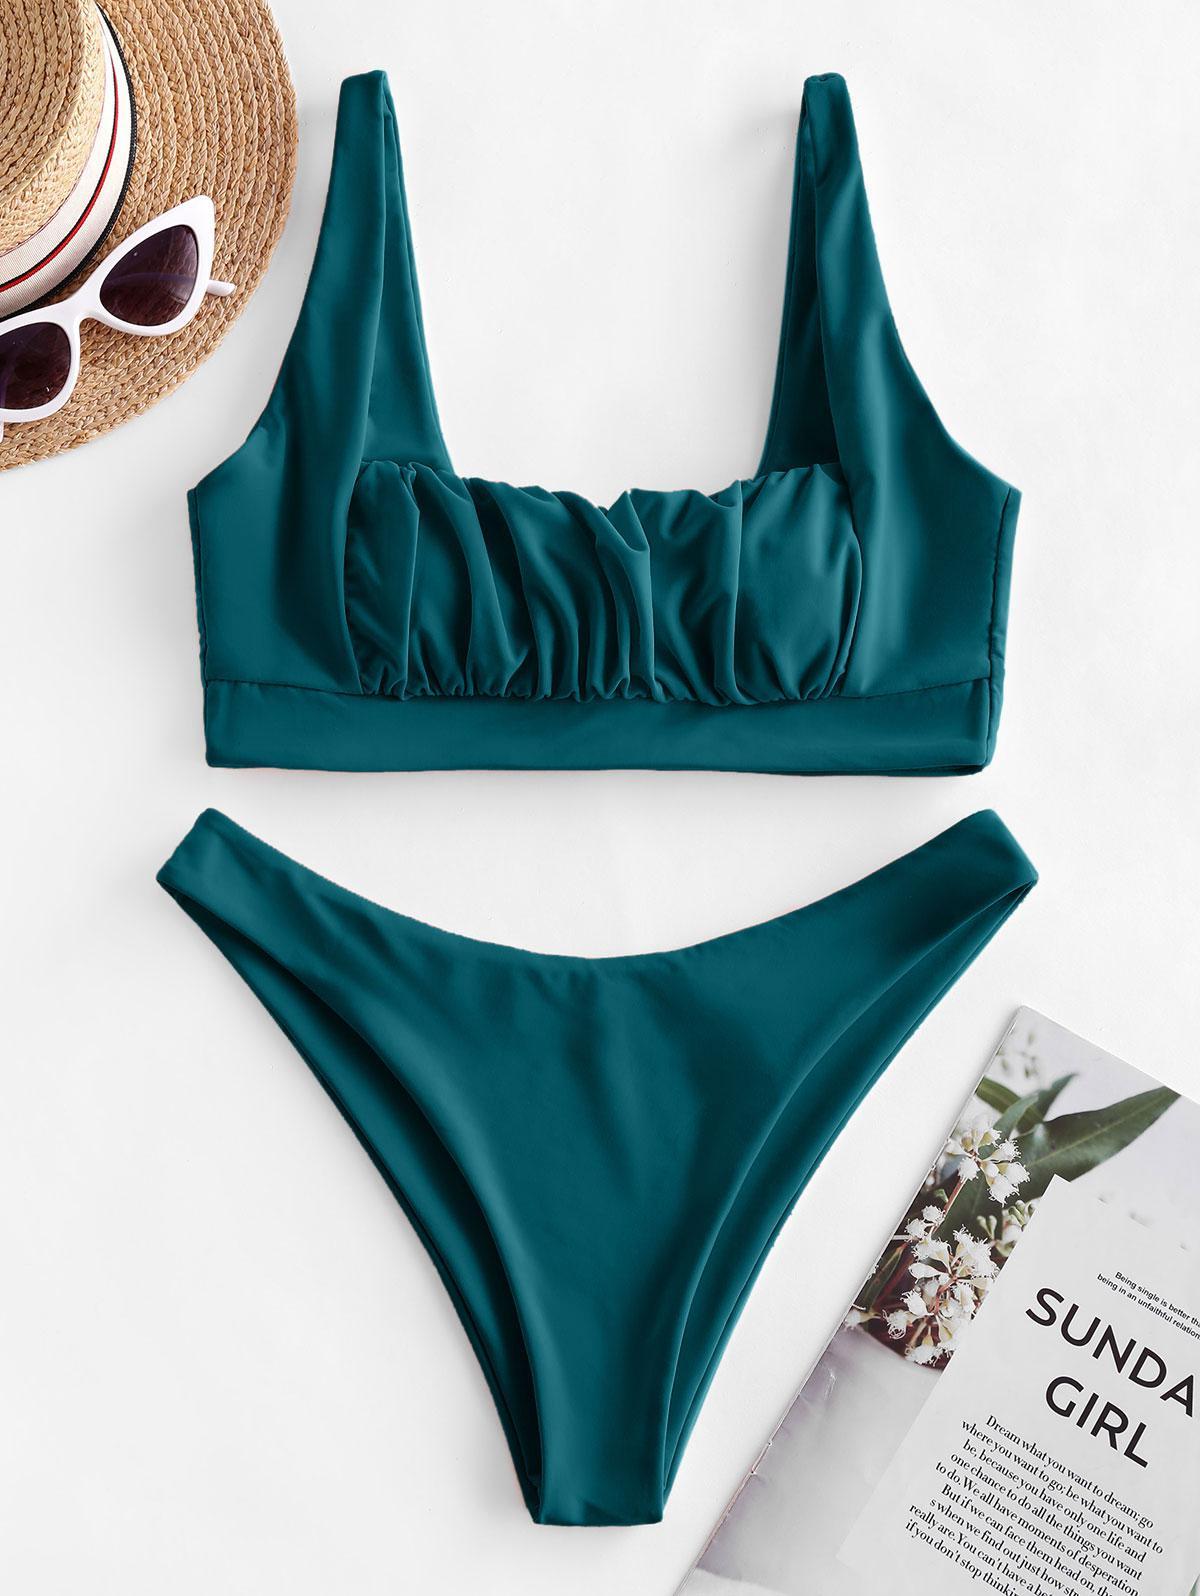 ZAFUL Ruched Square Neck High Cut Bikini Swimsuit